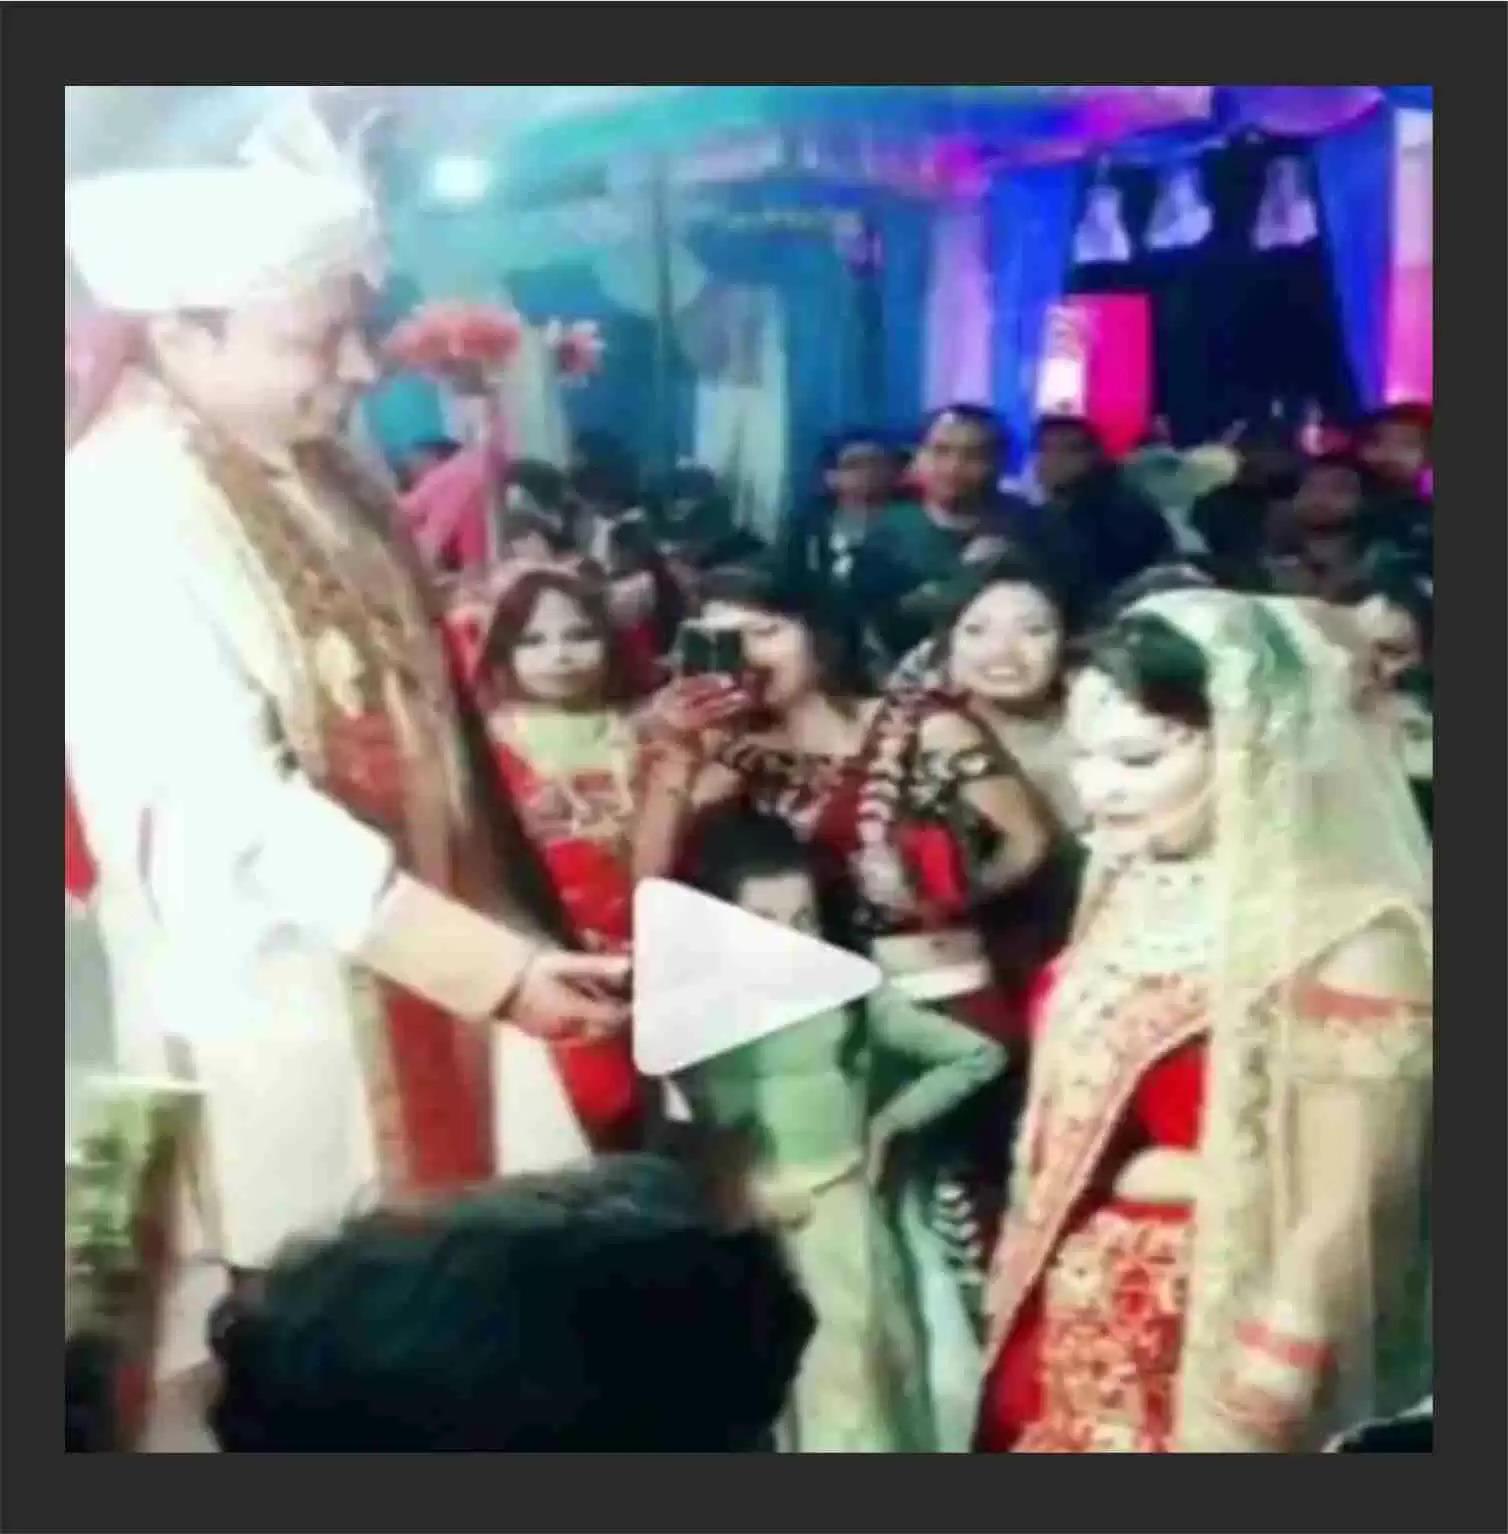 दूल्हे ने बढ़ाया हाथ, तो दुल्हन ने सबके सामने कर दिया गजब का इशारा, दूल्हे के हो गये होश फाख्ता, देखें Viral Video